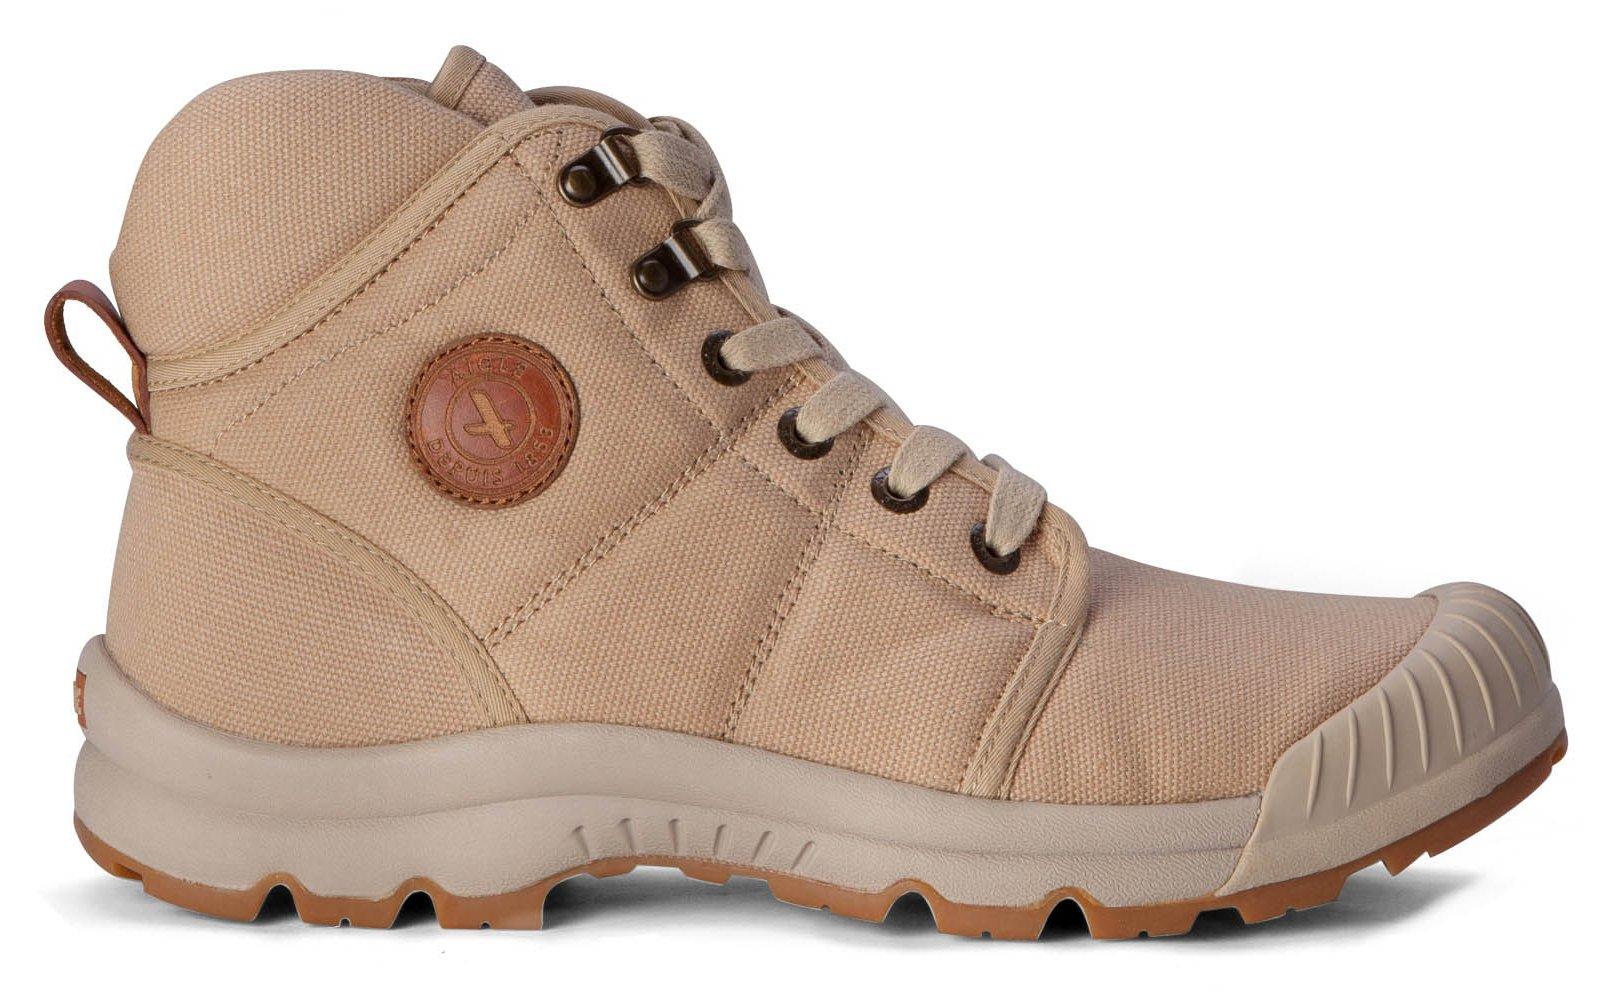 magasin d'usine 70b15 76f99 chaussure ski de randonn茅e vieux campeur,chaussures de ...